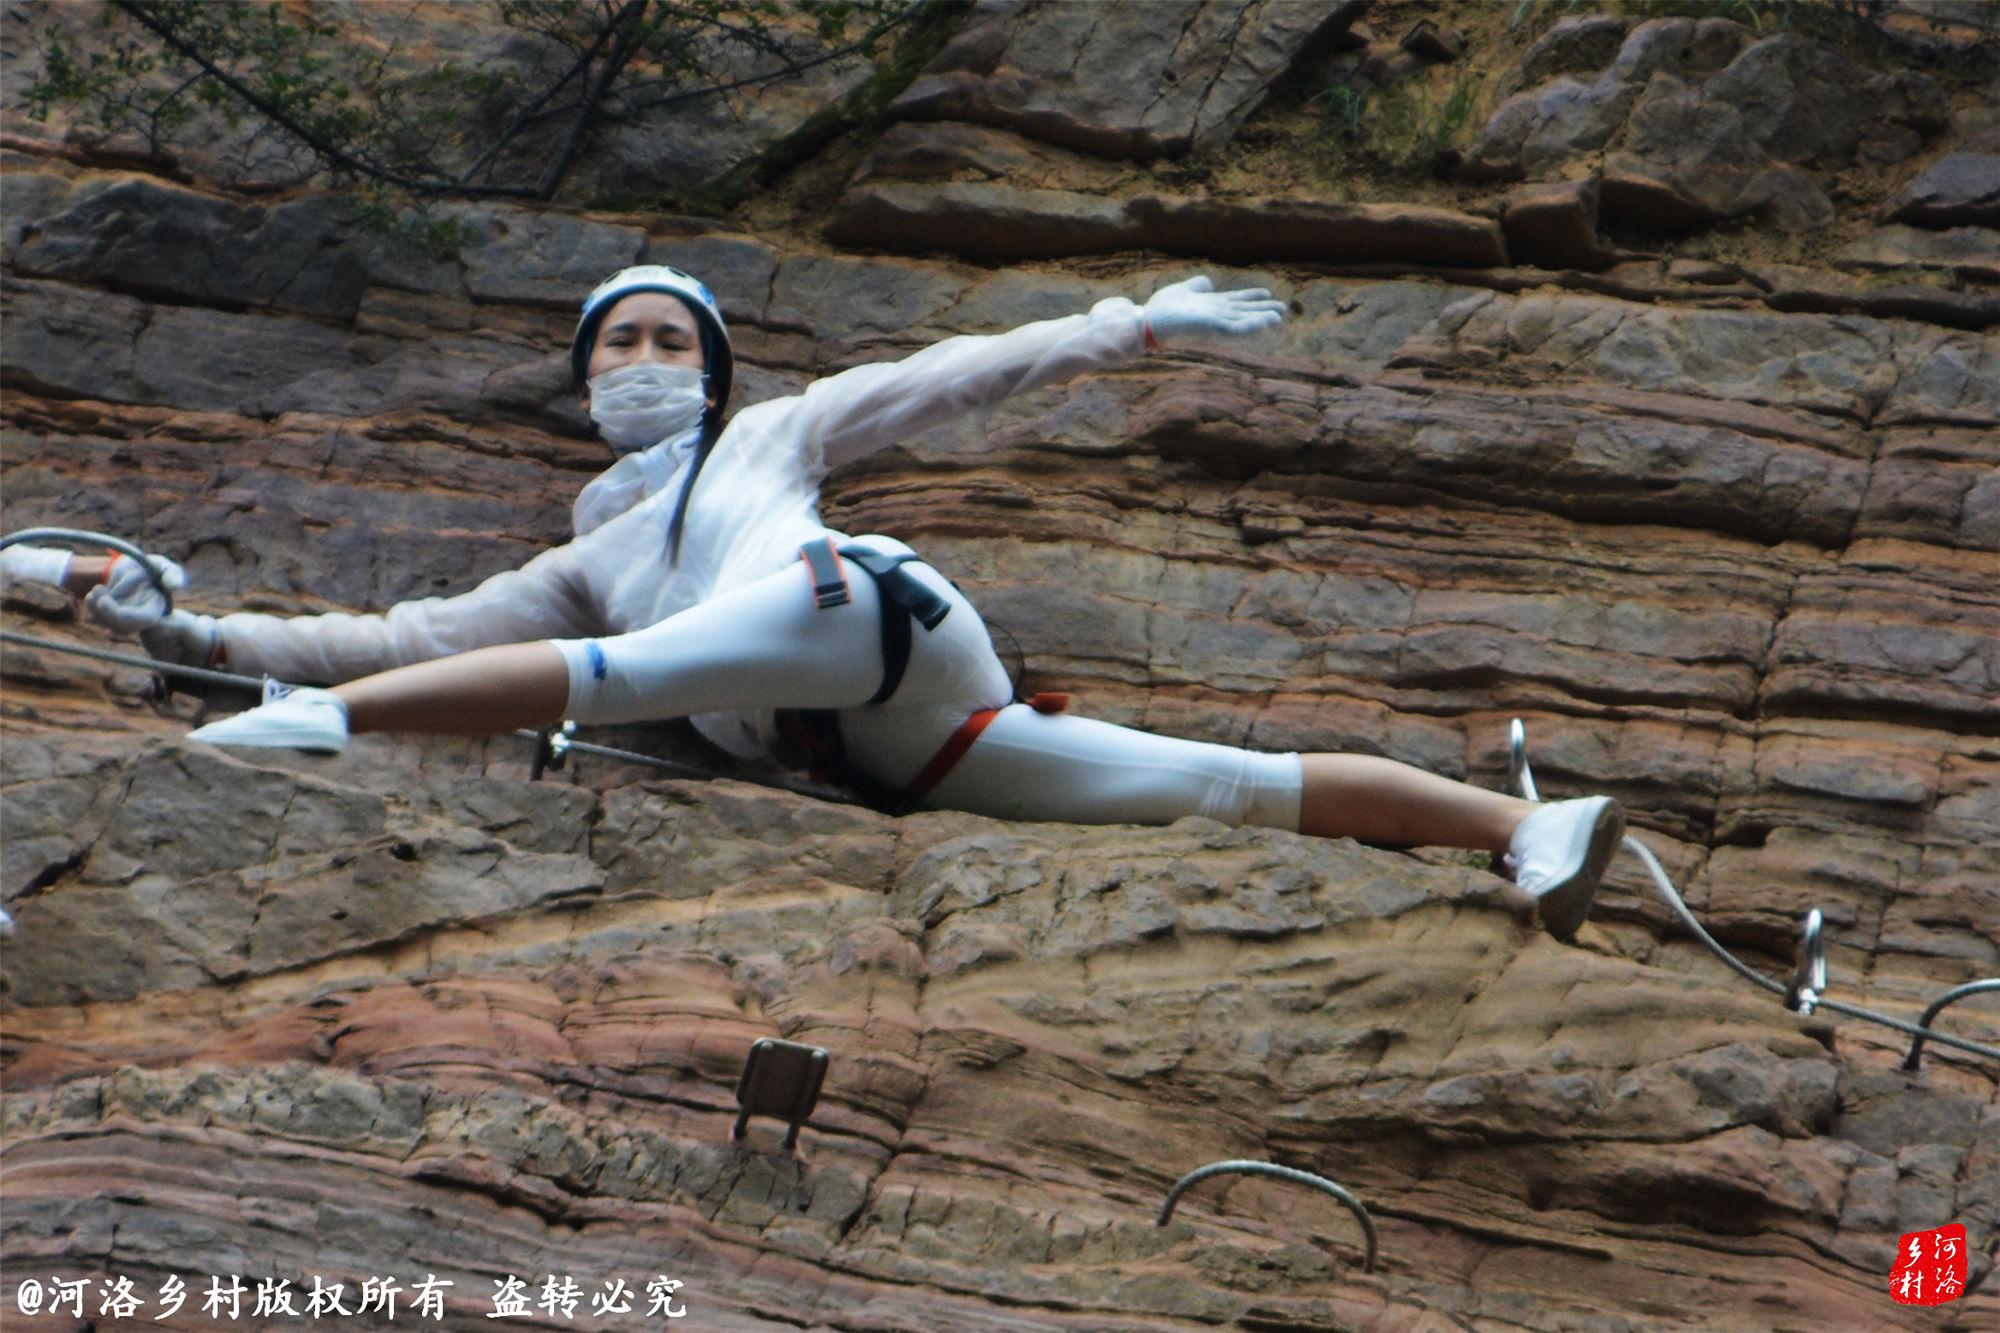 40位美女挑战极限 百米绝壁走钢索秀瑜伽